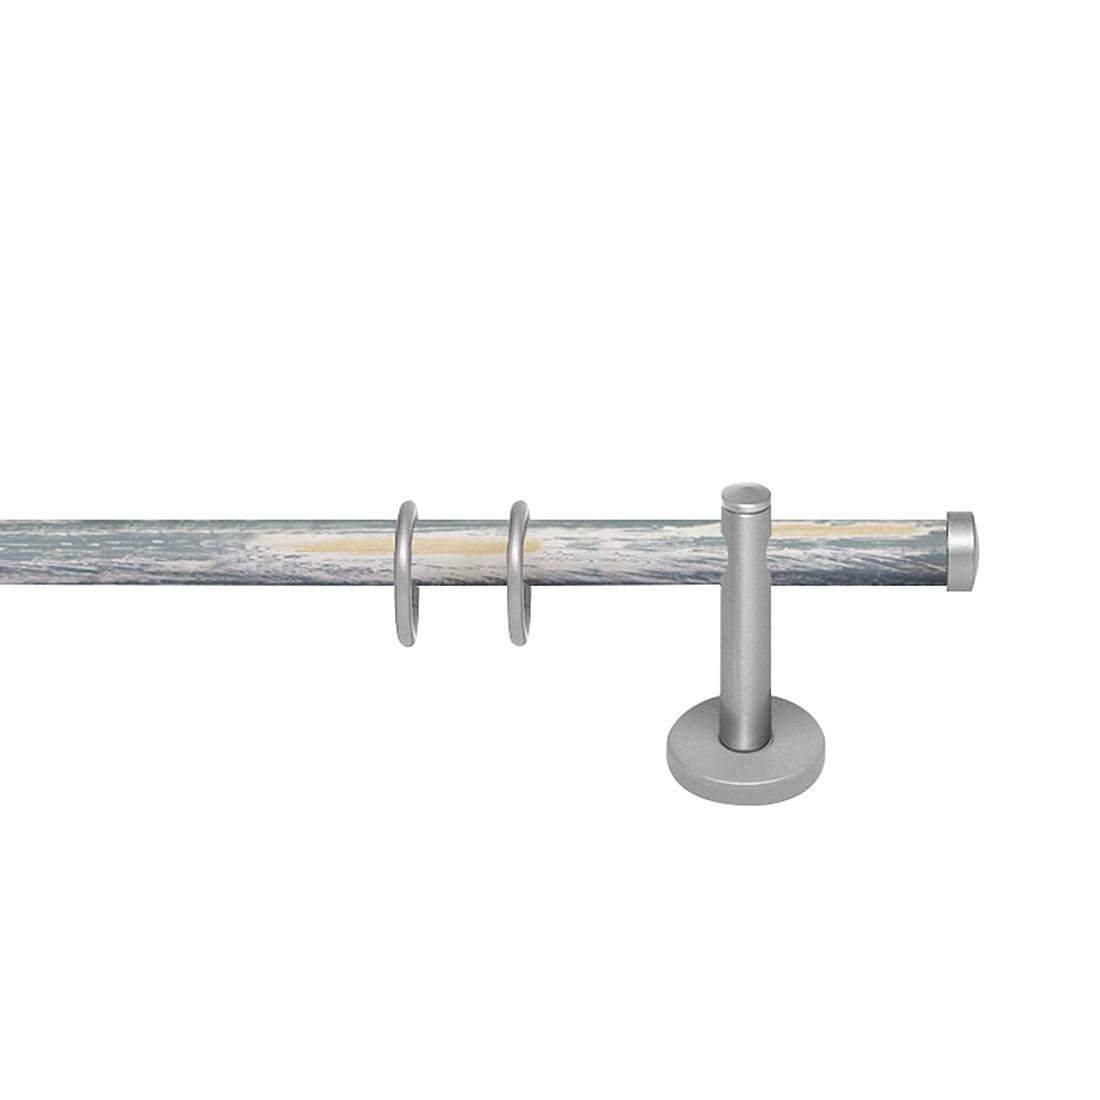 Gardinenstange Paolo (1-läufig) – 200 cm, indeko günstig bestellen